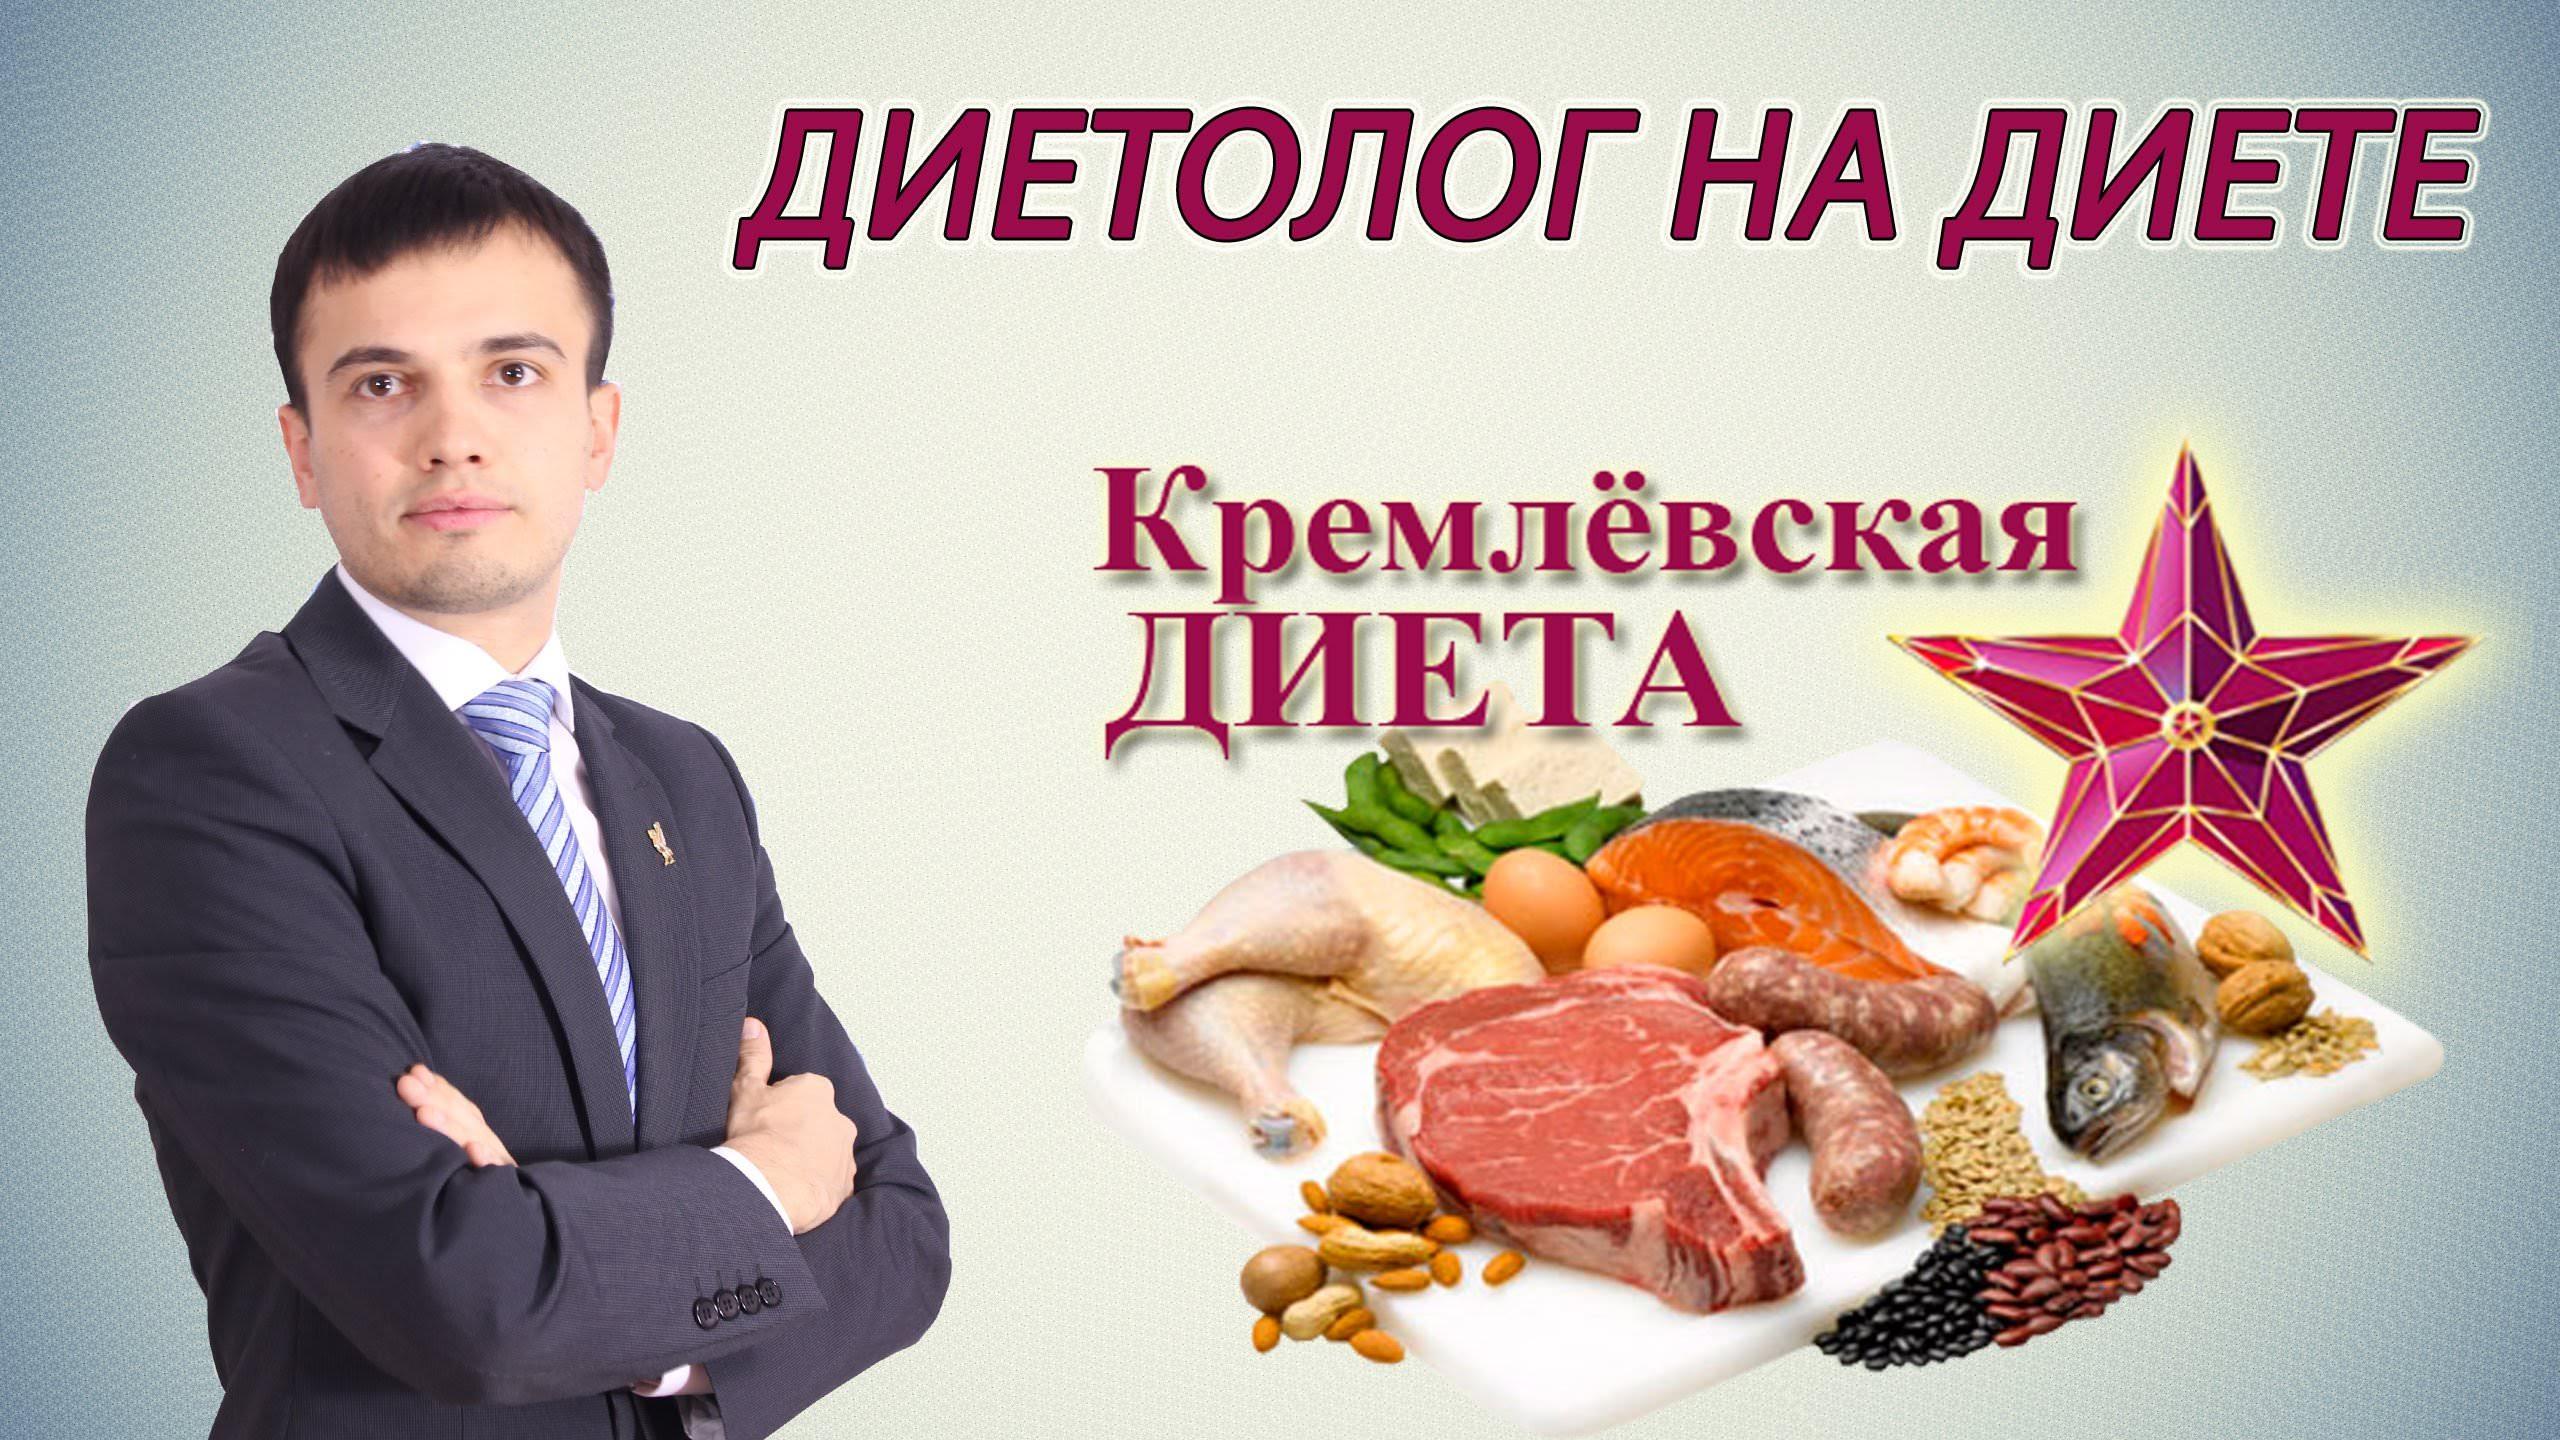 Кремлевская диета - эффективная диета